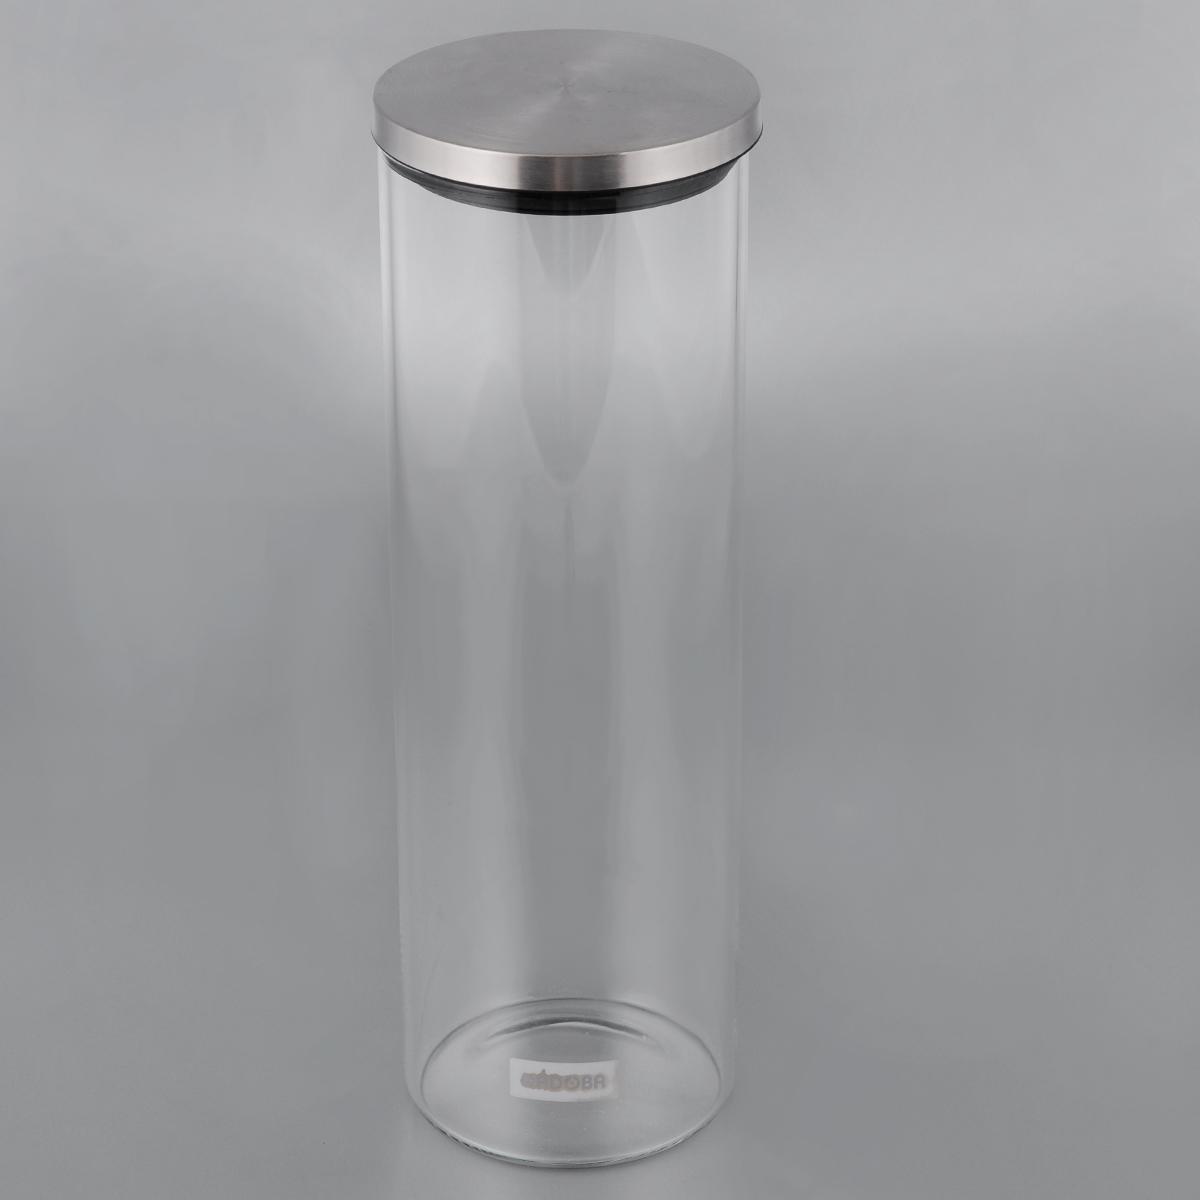 Емкость для сыпучих продуктов Nadoba Silvana, 1,65 л741410Емкость Nadoba Silvana, изготовленная из высокопрочного стекла, оснащена стальной герметичной крышкой. Благодаря эргономичному дизайну изделие удобно брать одной рукой. Стенки емкости прозрачные - хорошо видно, что внутри. Изделие идеально подходит для хранения различных сыпучих продуктов: круп, макарон, специй, кофе, сахара, орехов, кондитерских изделий и многого другого. Диаметр емкости (по верхнему краю): 9,5 см. Высота (без учета крышки): 28,5 см.